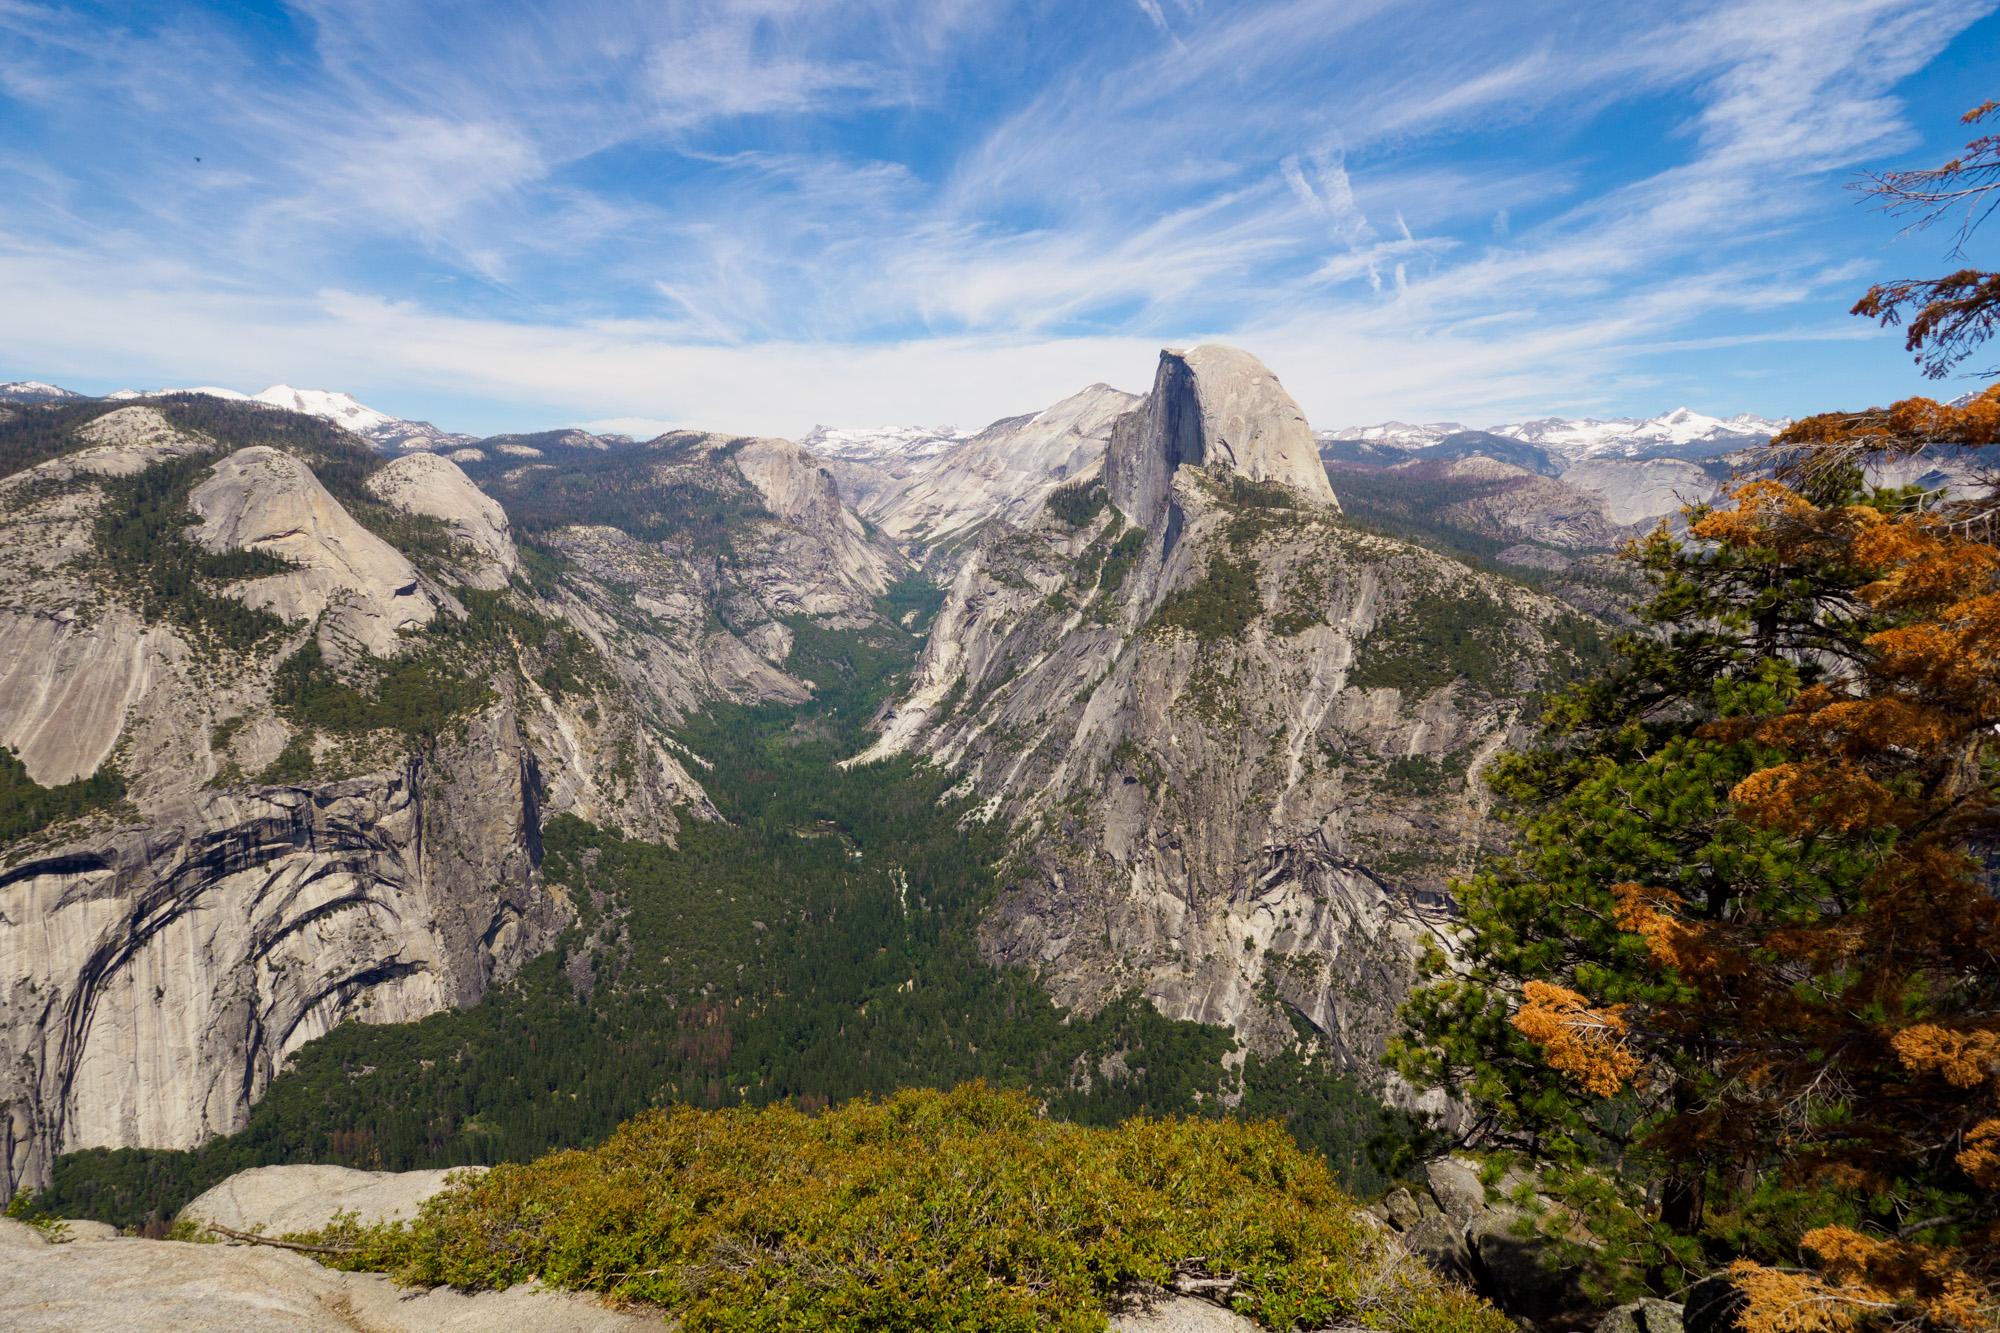 Yosemite Nationalpark - Aussicht vom Glacier Point auf den Half Dome